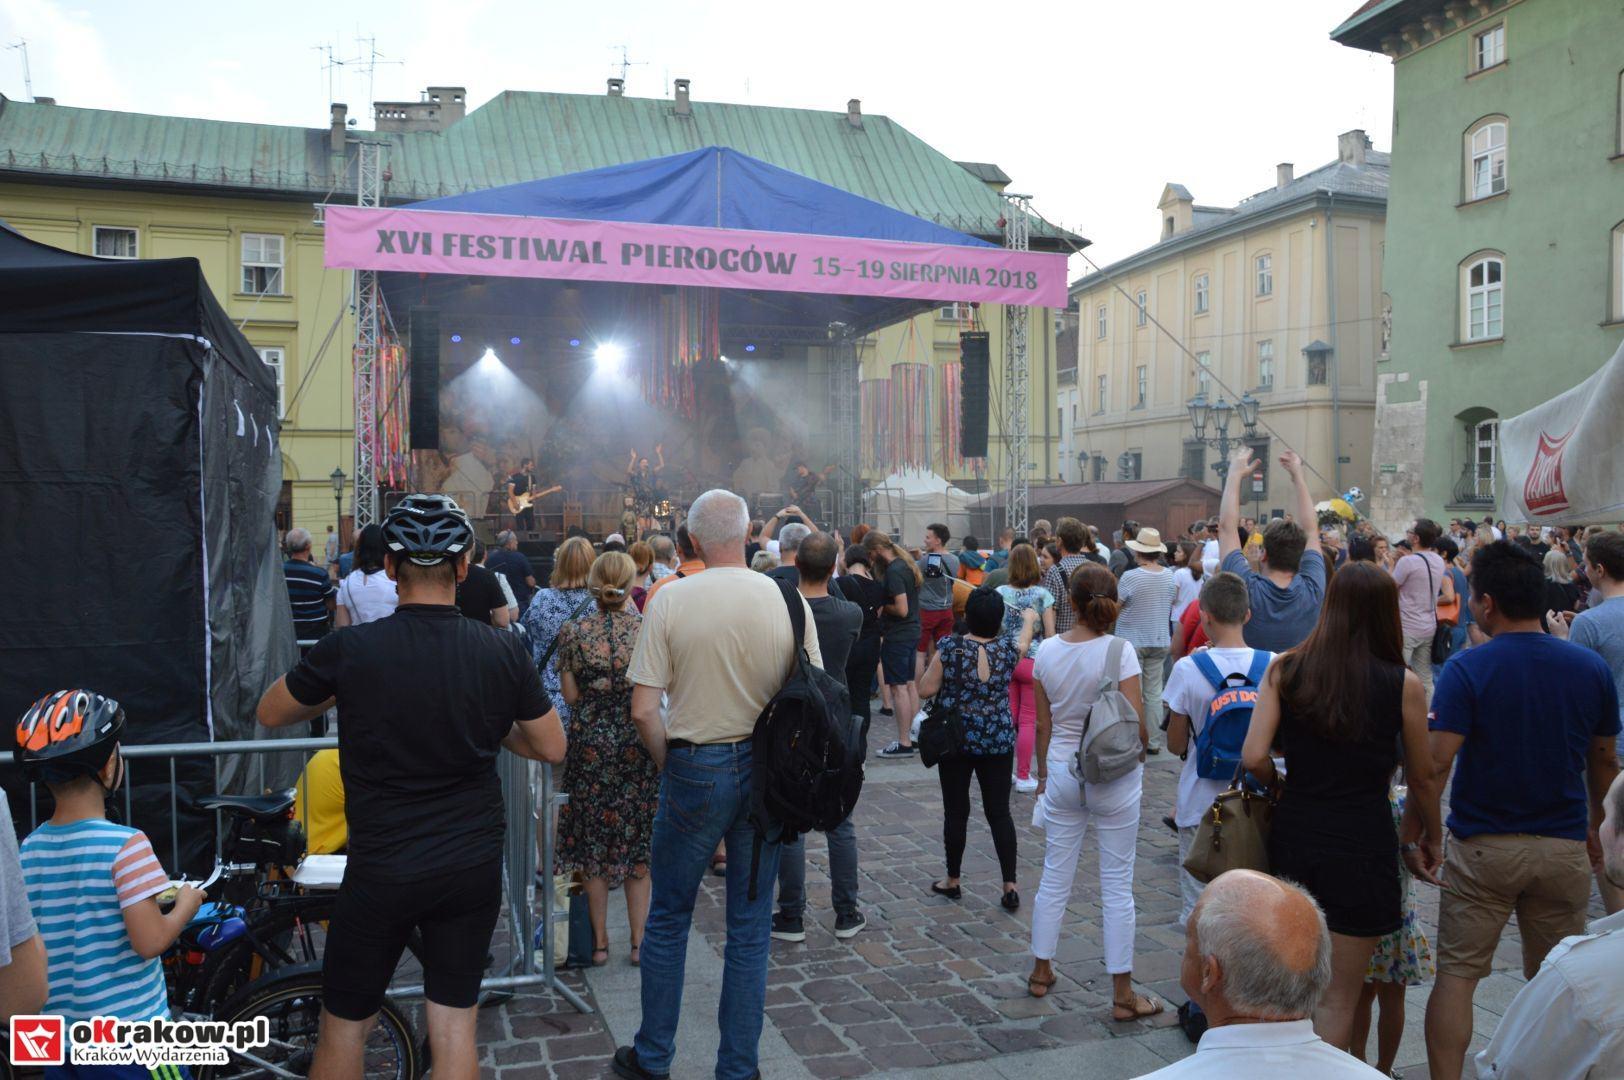 krakow festiwal pierogow maly rynek koncert cheap tobacco 128 150x150 - Galeria zdjęć Festiwal Pierogów Kraków 2018 + zdjęcia z koncertu Cheap Tobacco